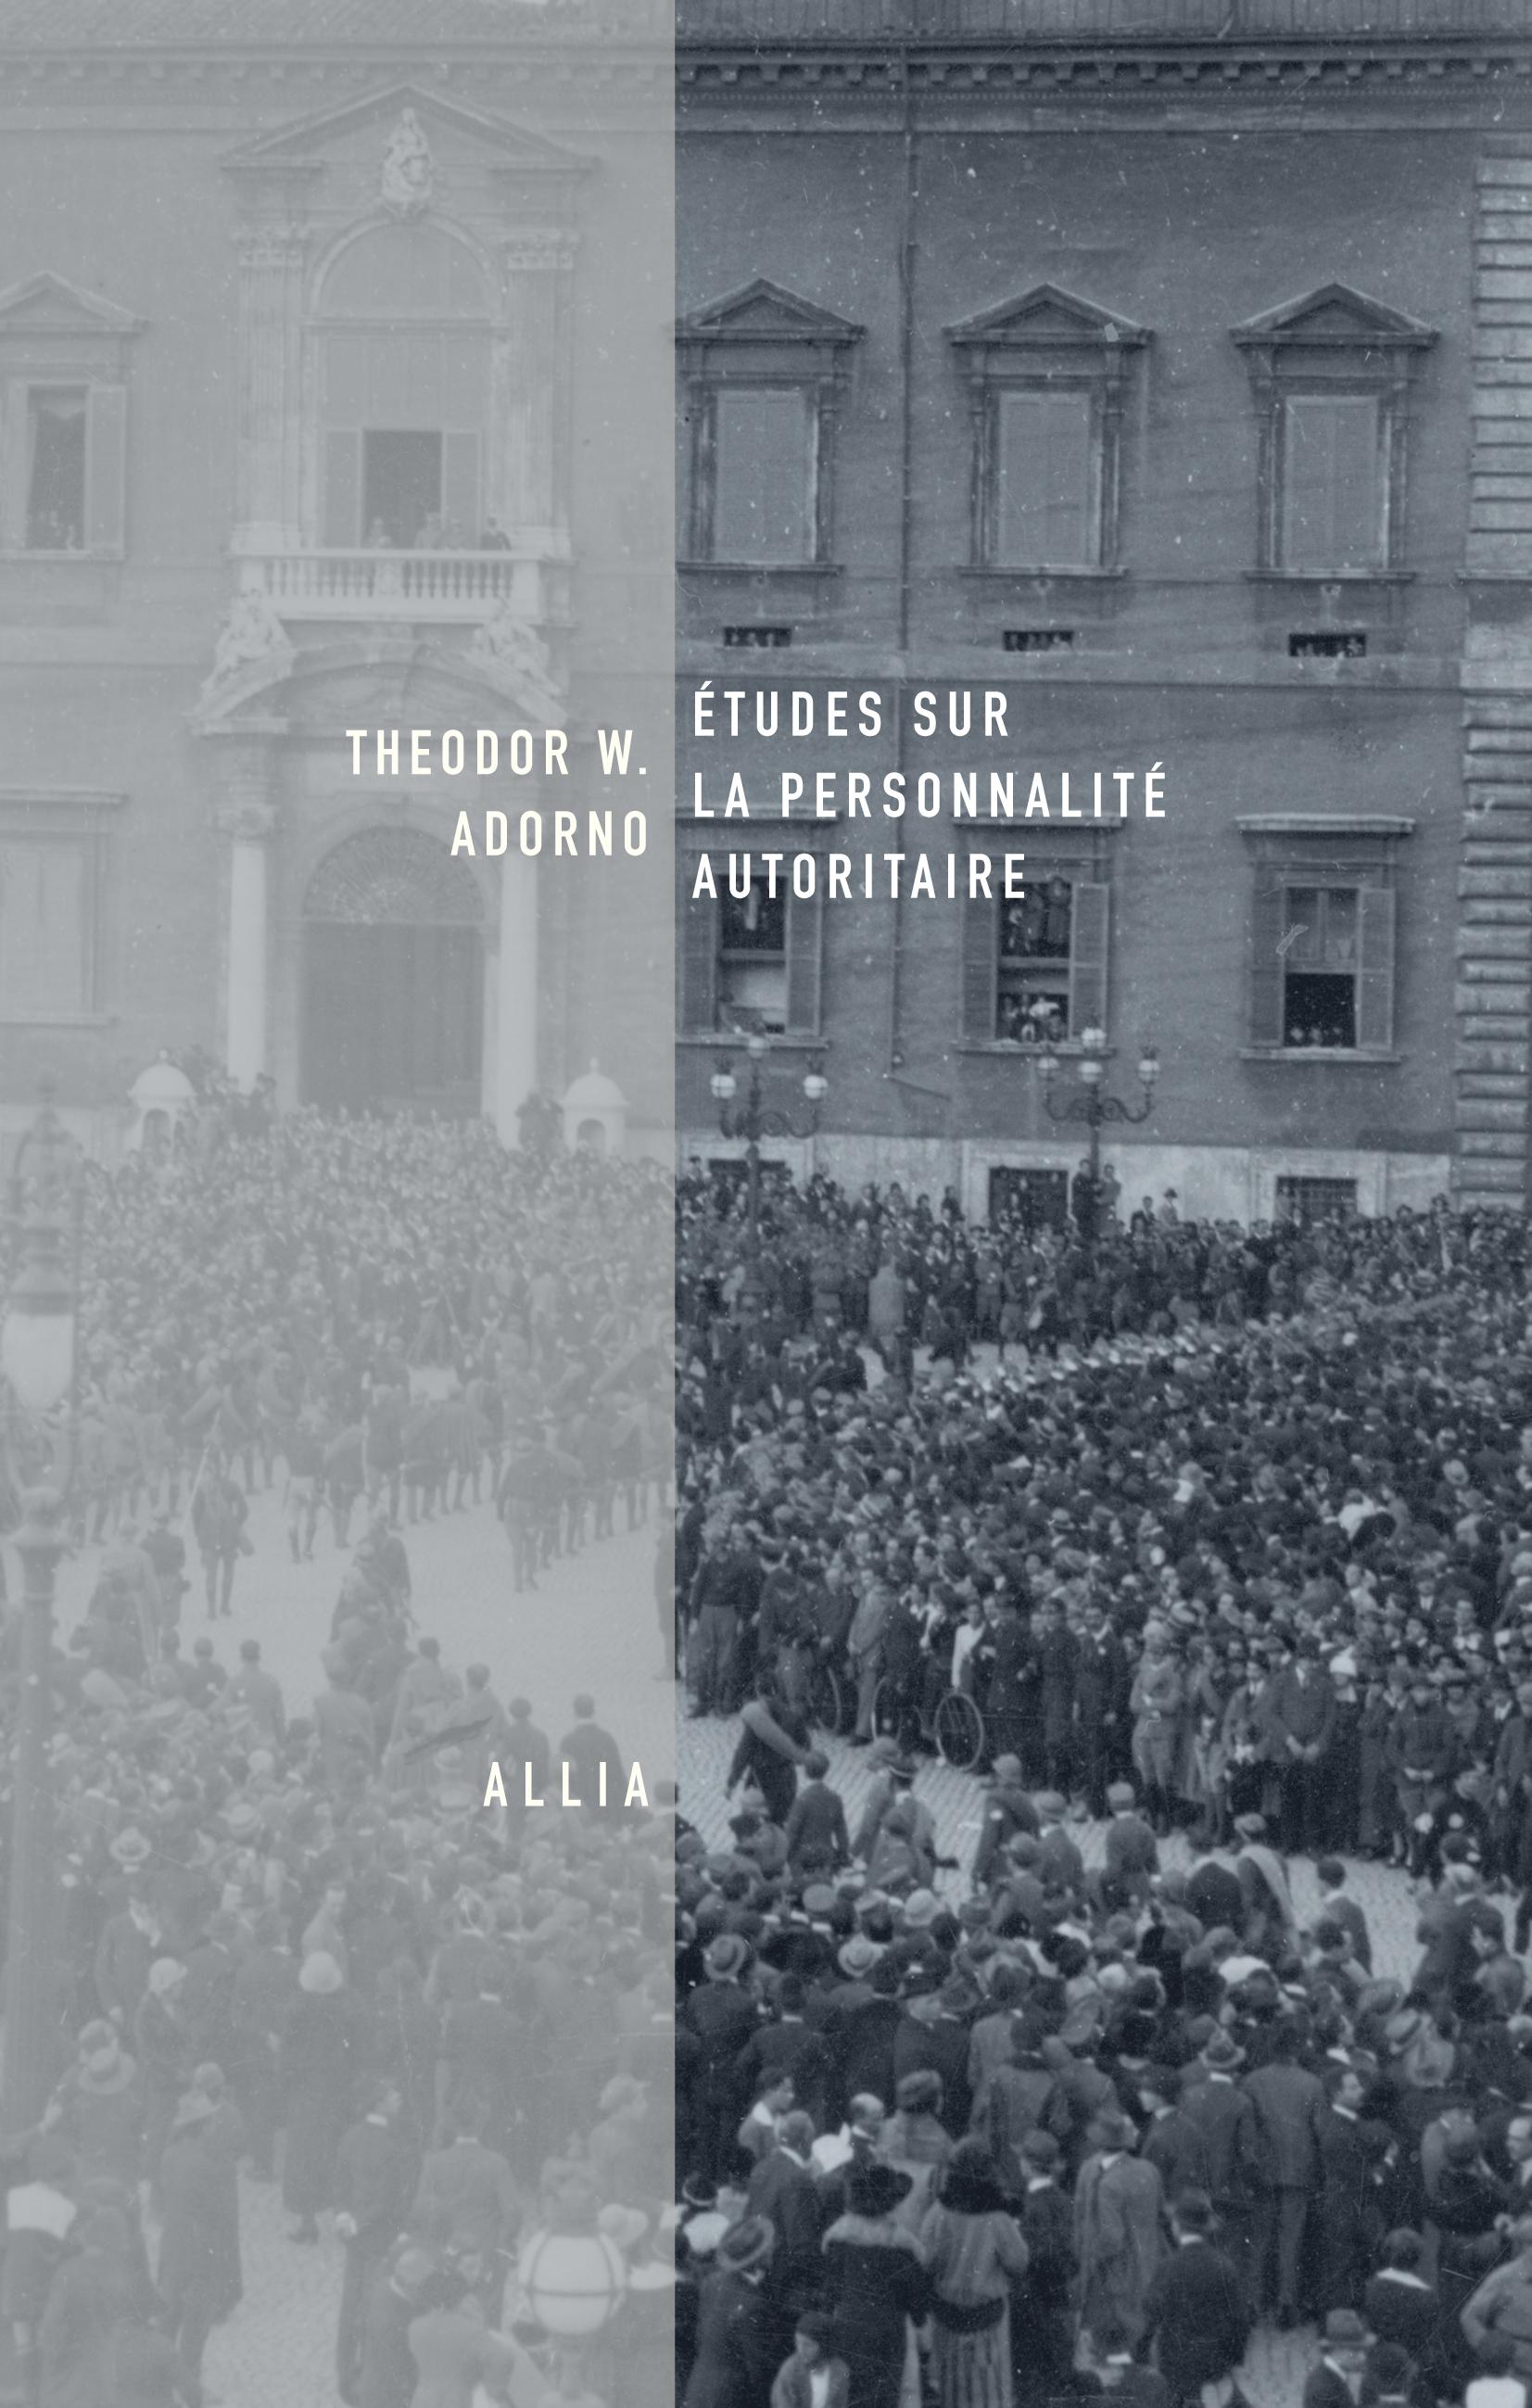 Th. W. Adorno, Études sur la personnalité autoritaire